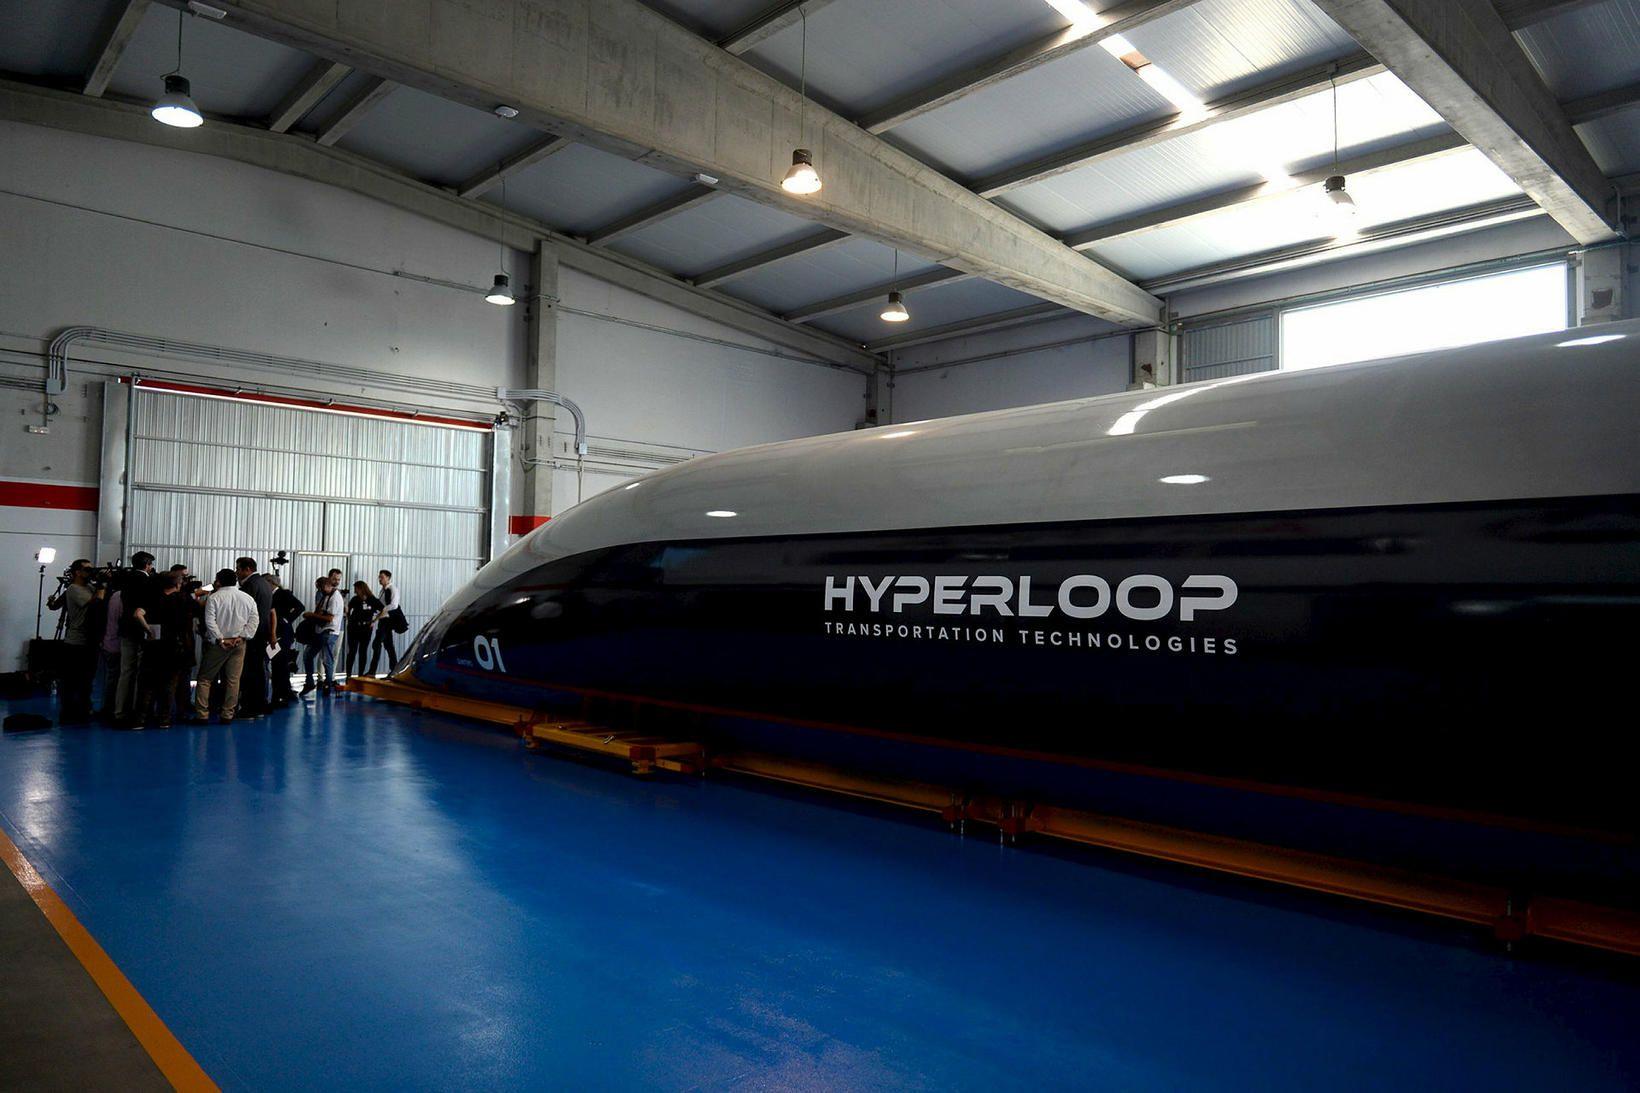 Virgin Hyperloop hefur verið mörg ár í þróun og er …